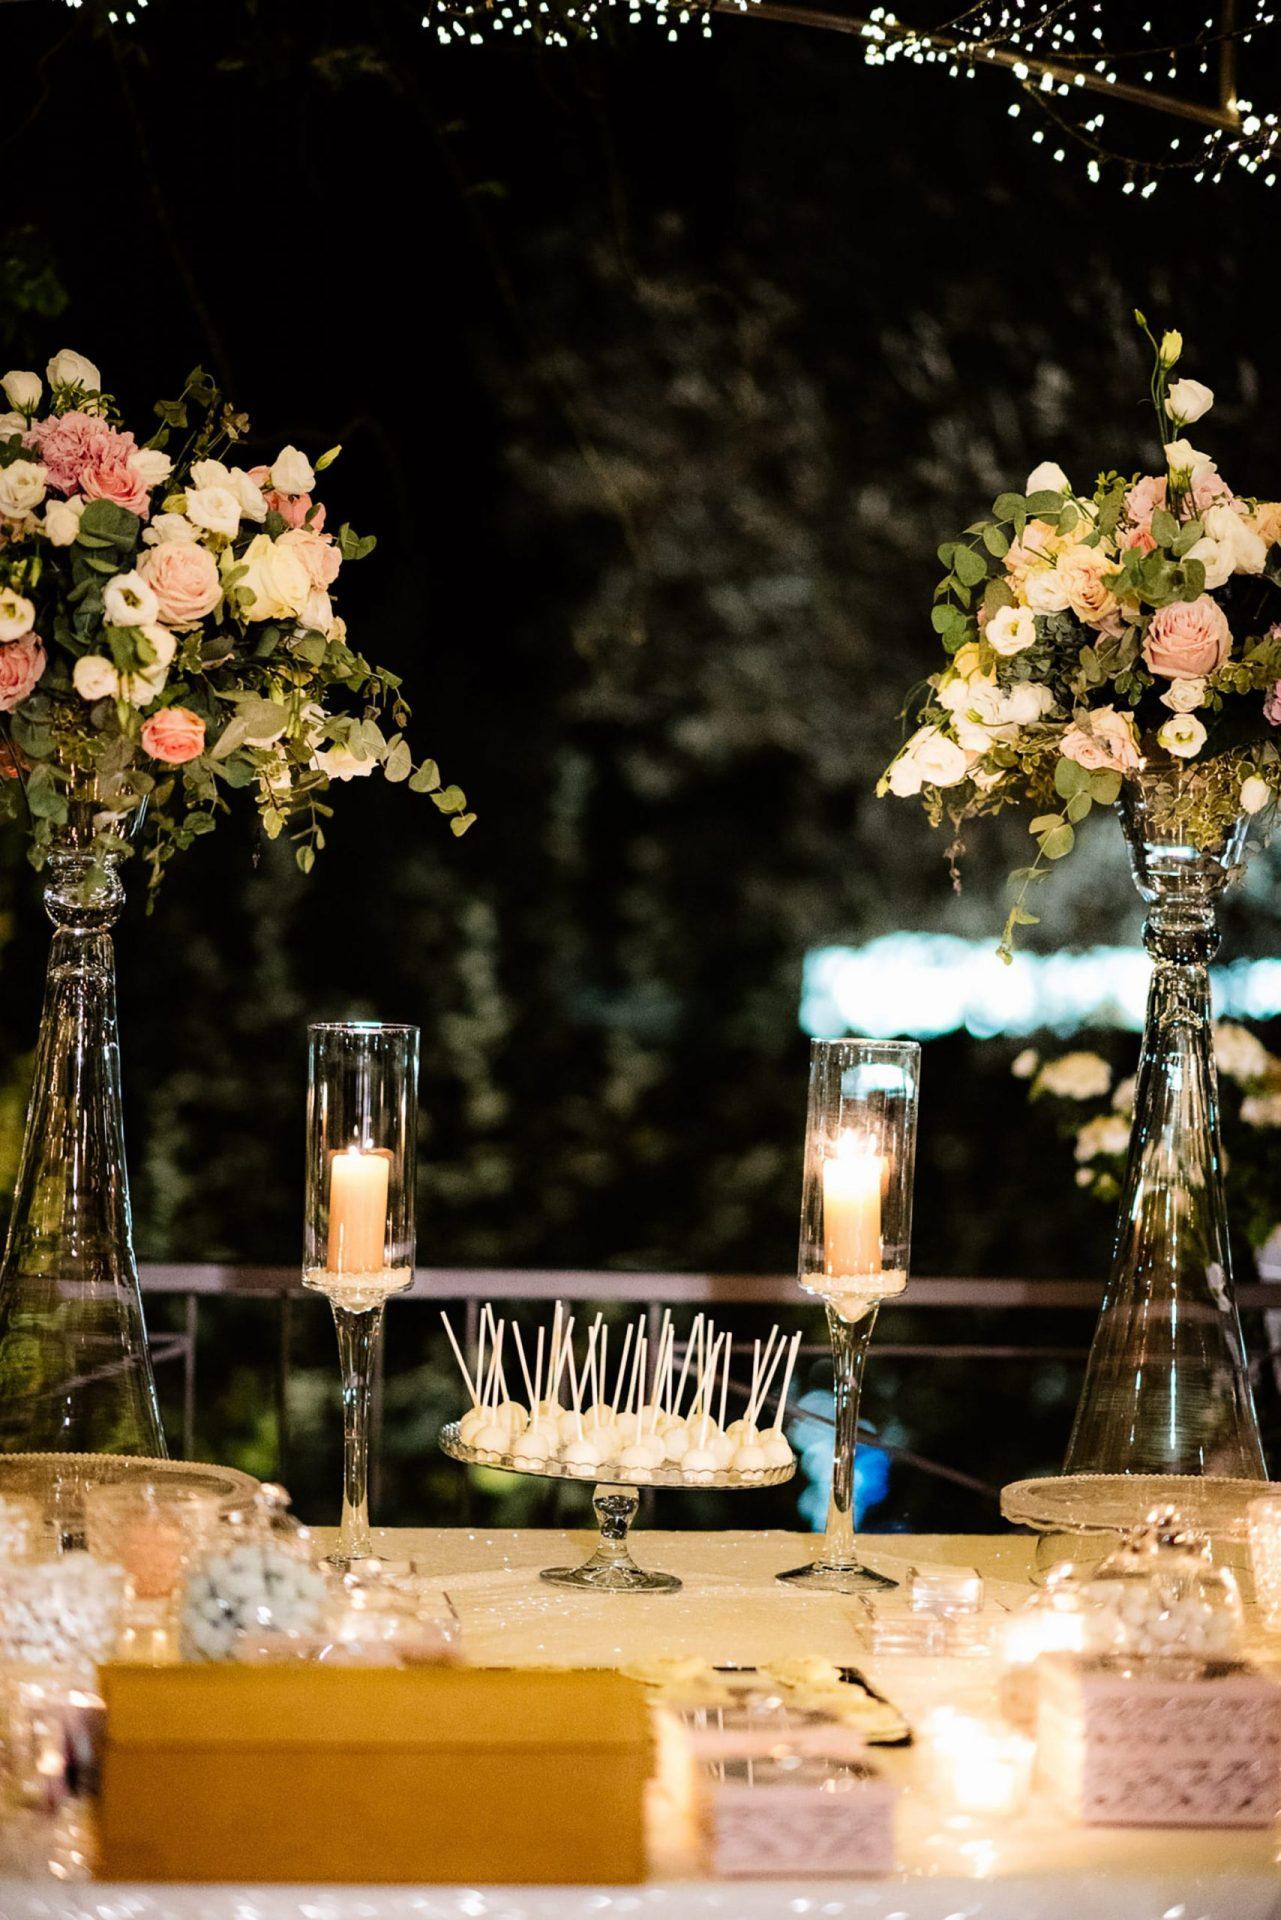 Francesca and Francesco, sweet table decor